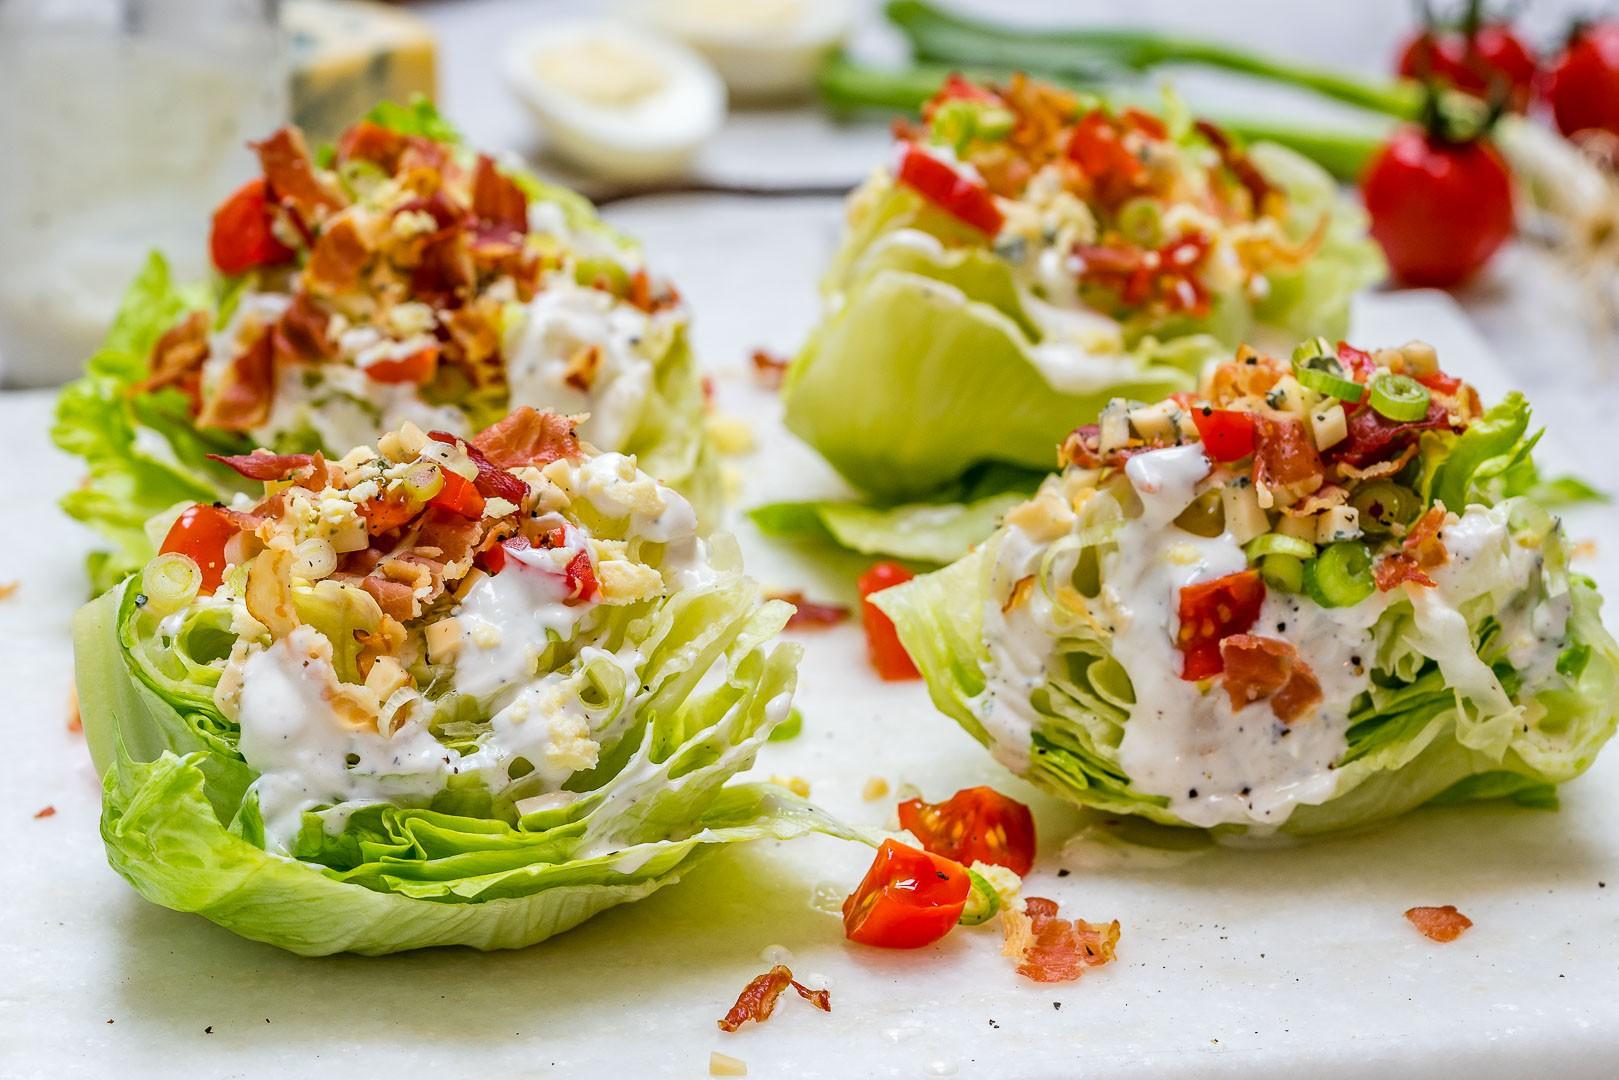 Gợi ý thực đơn 7 ngày đầu Eat Clean với nhiều món ăn quen thuộc của người Việt Nam - Ảnh 2.